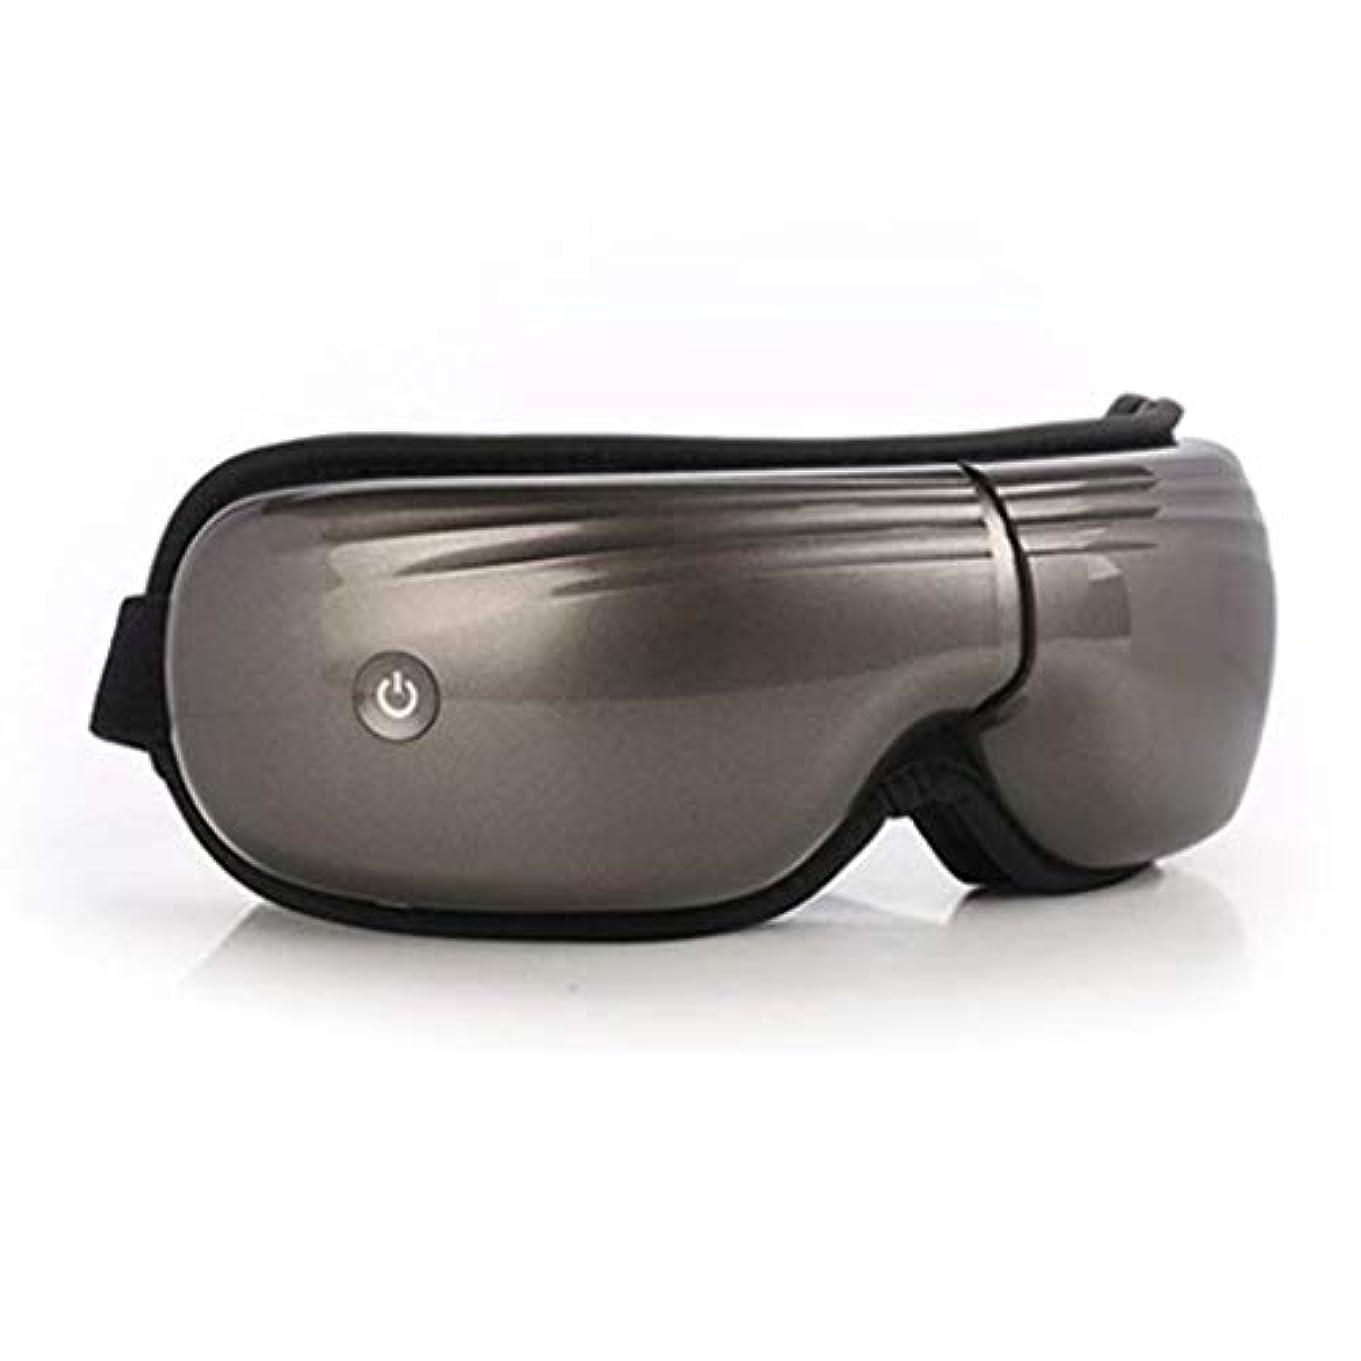 枝報奨金刑務所アイマッサージアイマスク、アイマッサージャー、USB充電式ポータブルアイツール、ホットコンプレッションおよびフォールディングホーム、ダークサークルアイバッグおよびアイ疲労の改善、いつでも、いつでも持ち運びが簡単